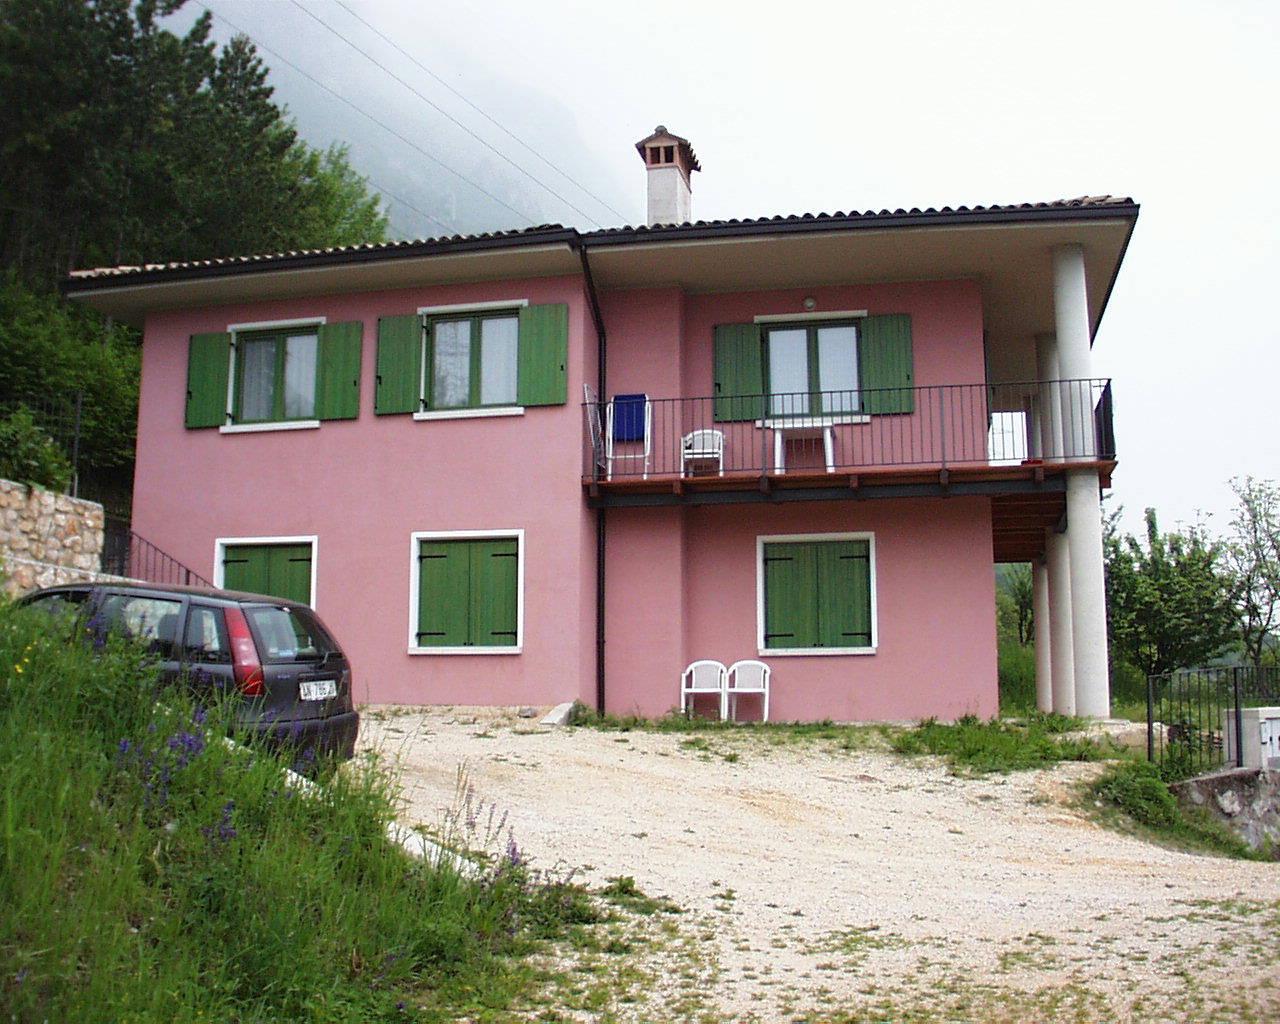 Casa Marcella outside - Idro lake - Hotel Alpino